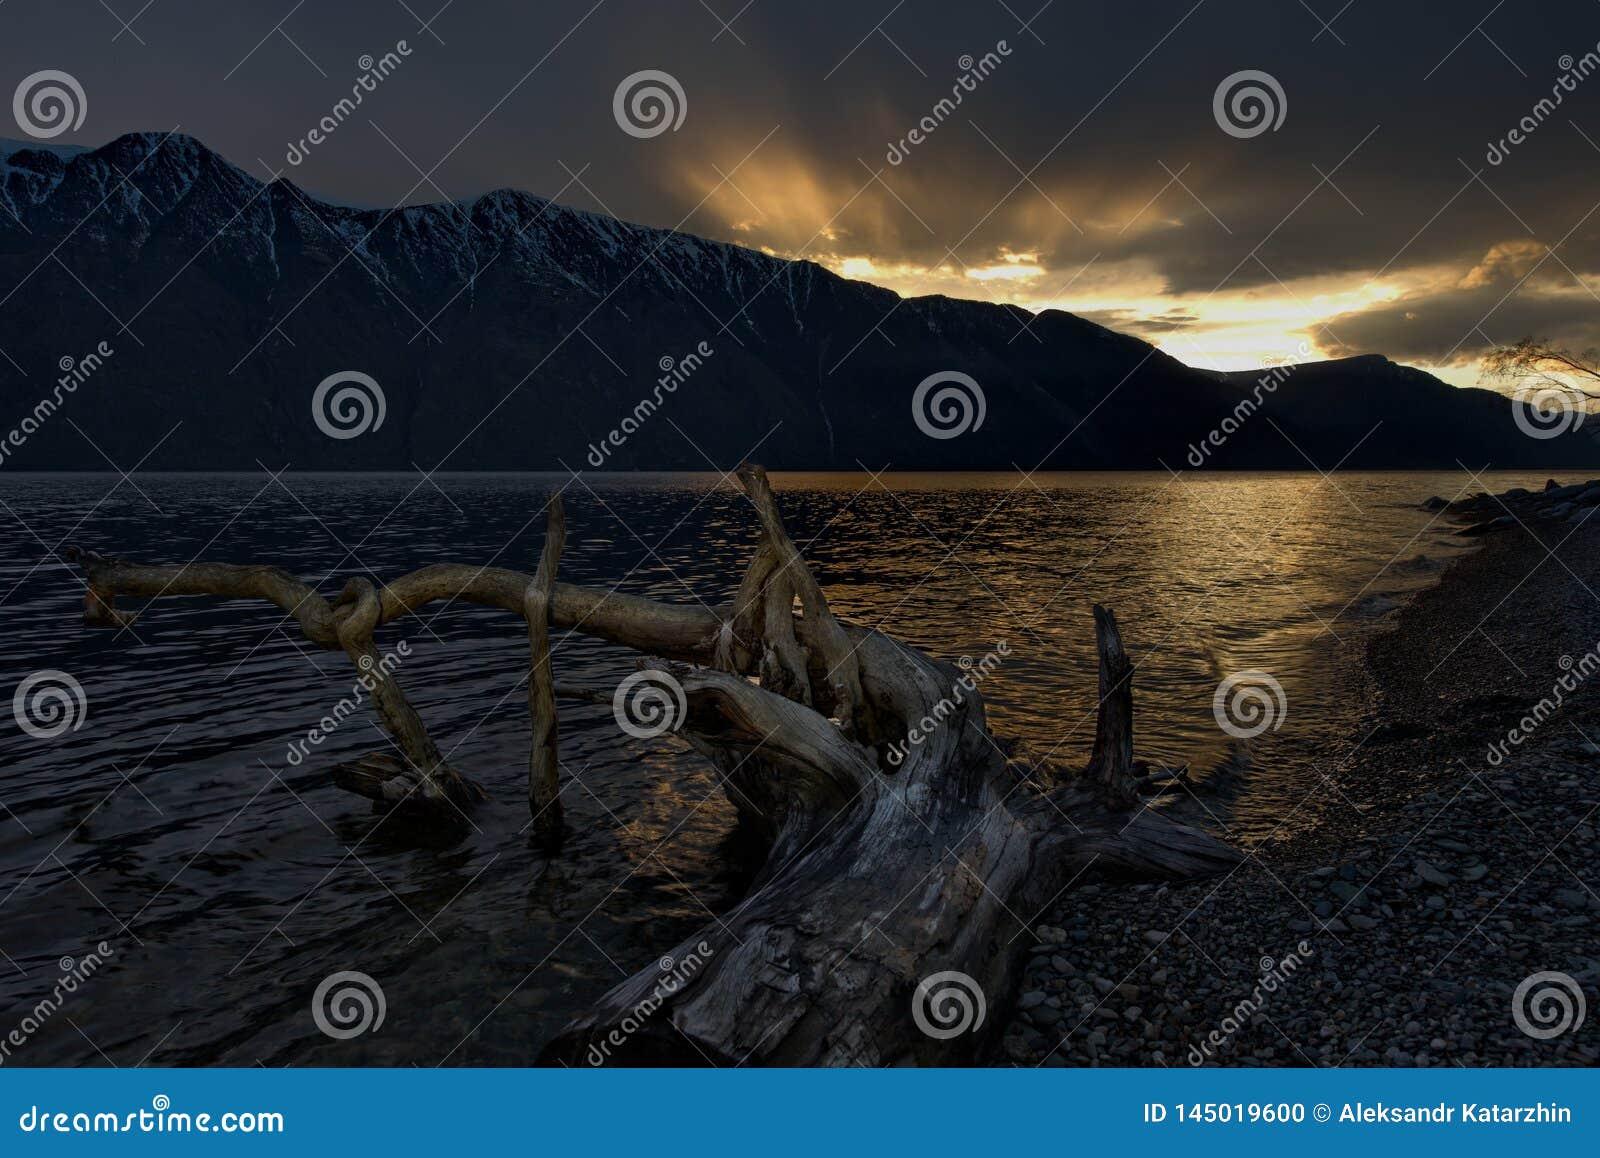 Fr?hlingssonnenuntergang auf einem Gebirgssee